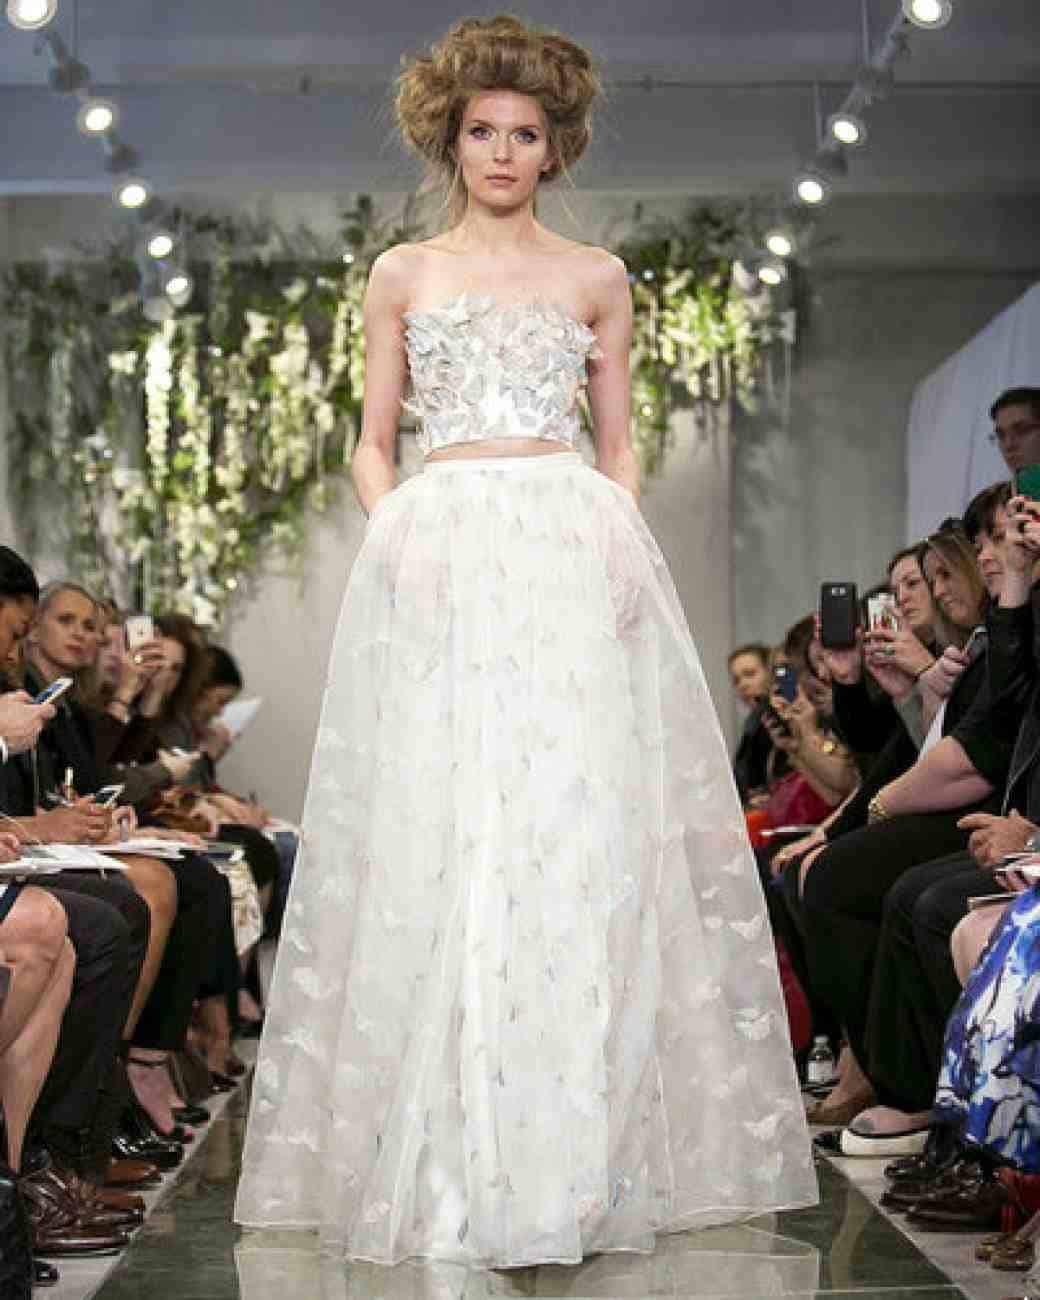 Two-piece wedding dress fashion show